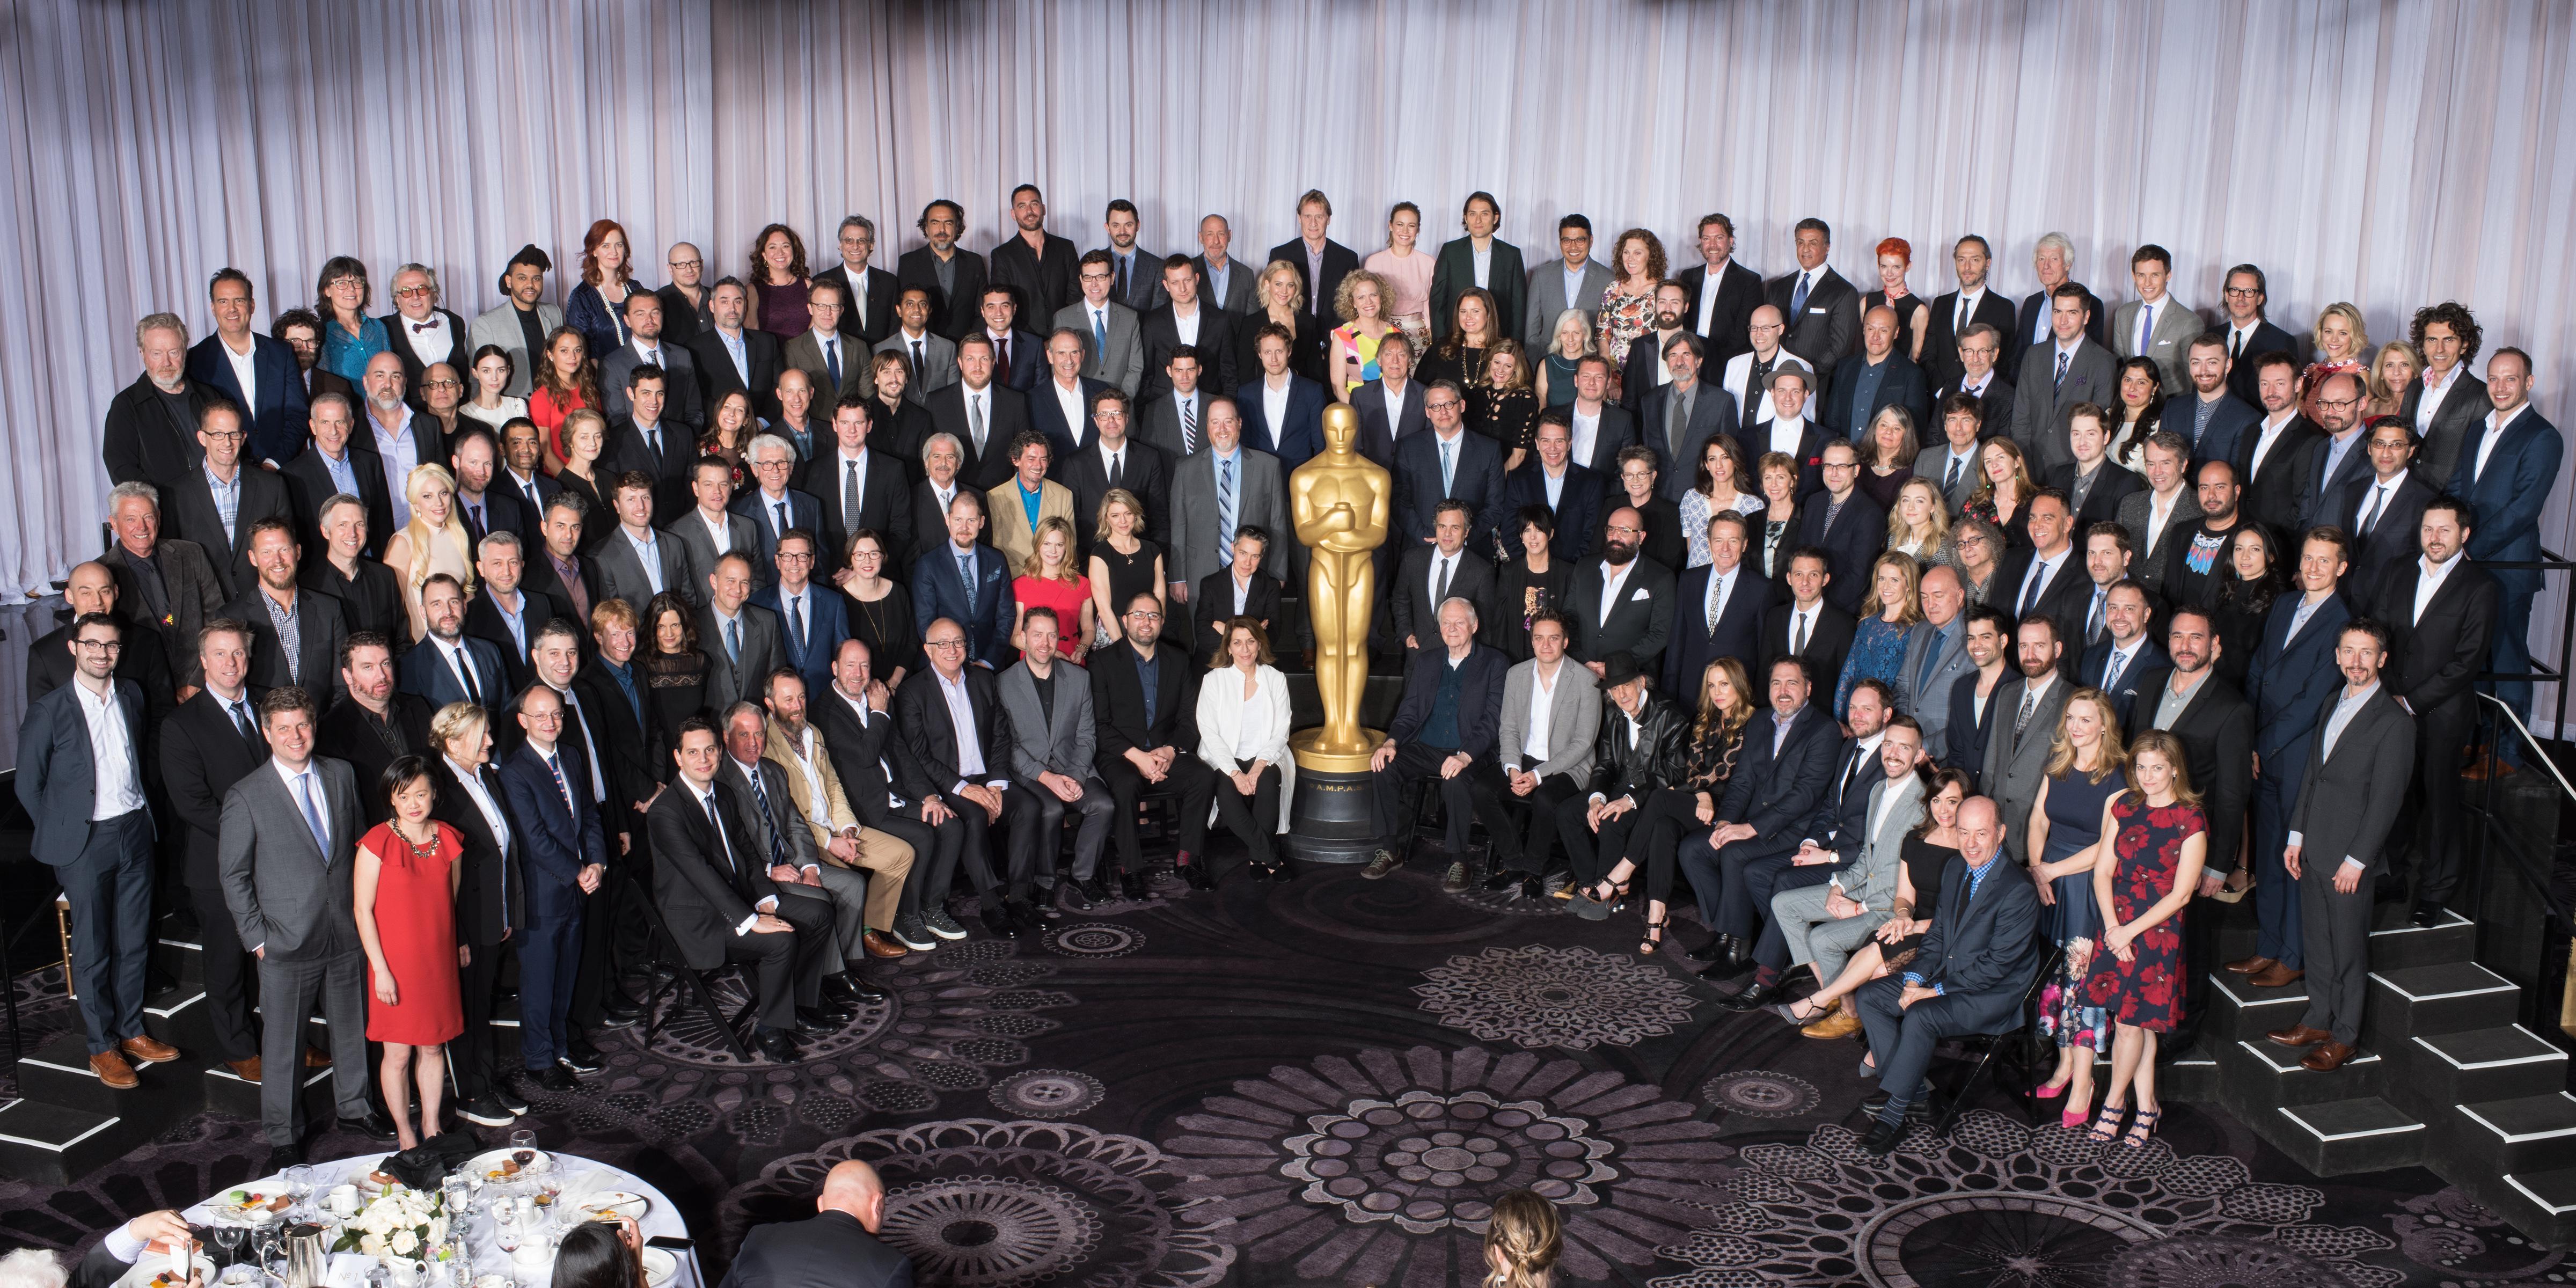 Imagem para Cinema 2018 mostra os indicados ao Oscar em 2016 - só há um negro entre as mais de 150 pessoas